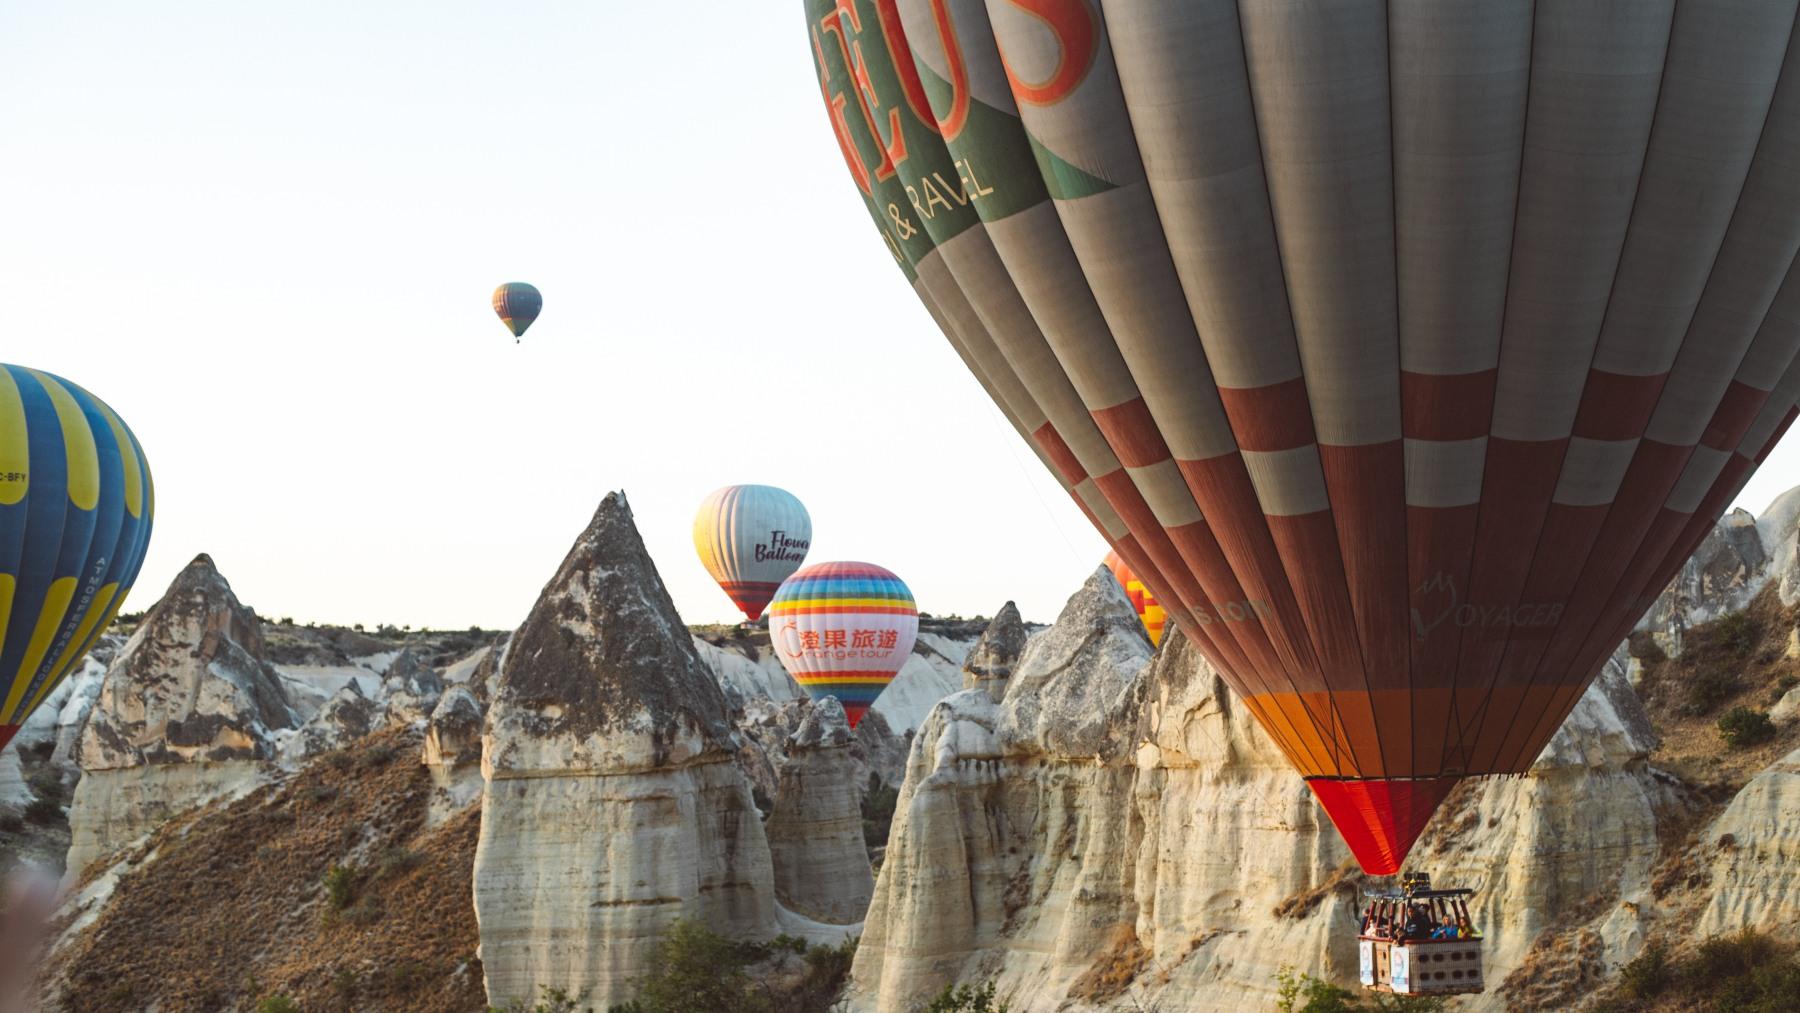 El helio se utiliza para hacer funcionar los globos aerostáticos